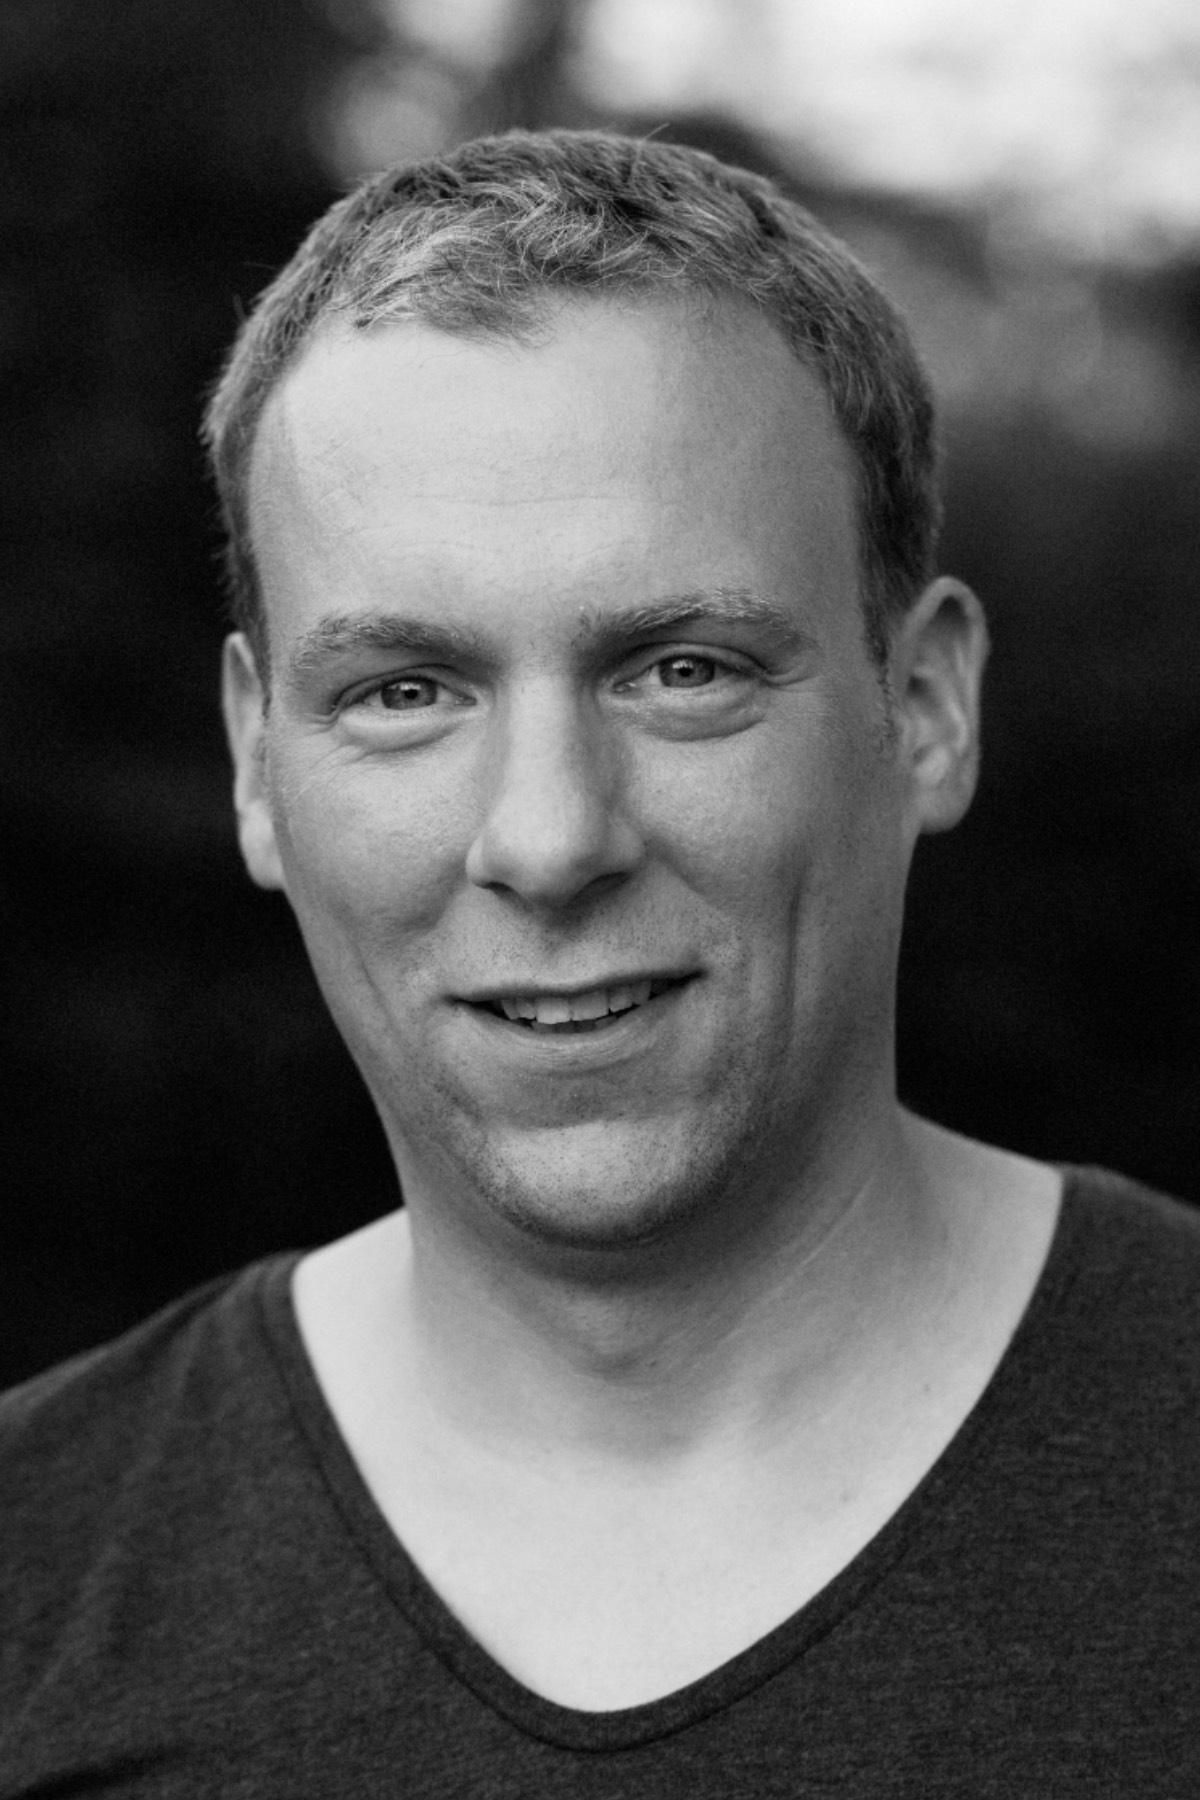 Michael Buttermann